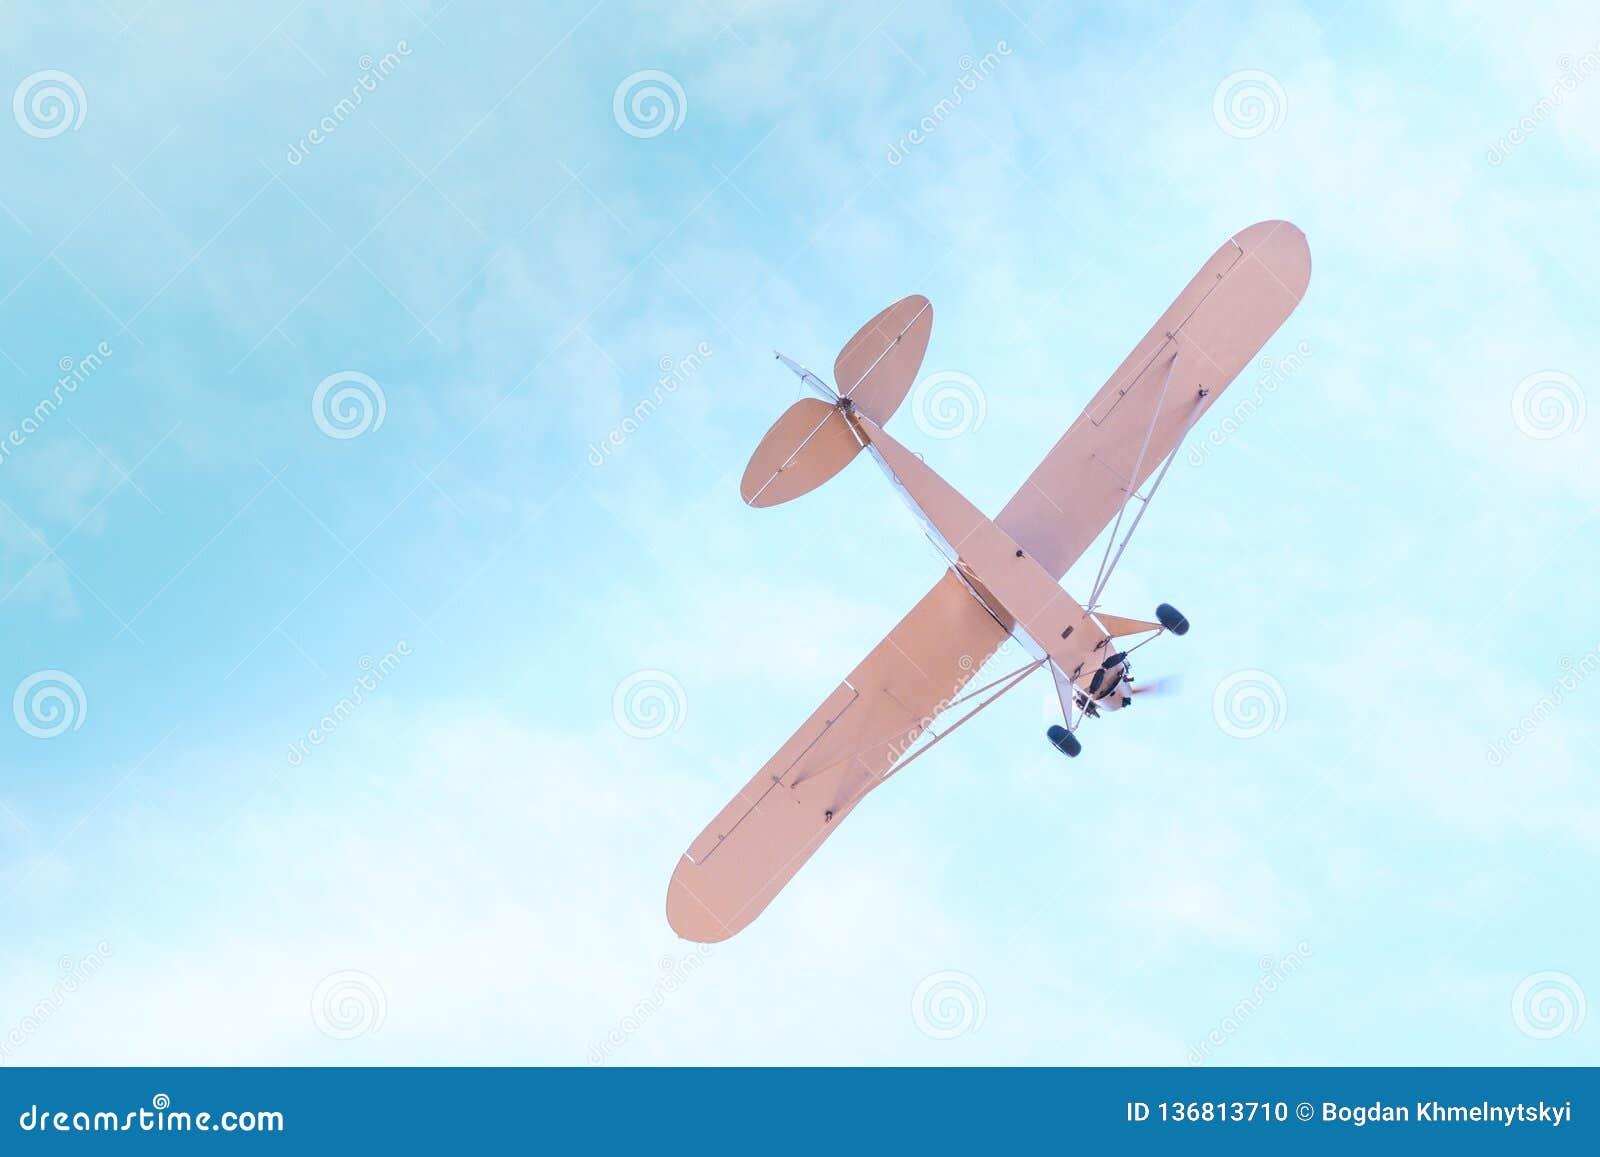 Retro vliegtuig met propeller het vliegen en duikvluchten tegen de blauwe hemel